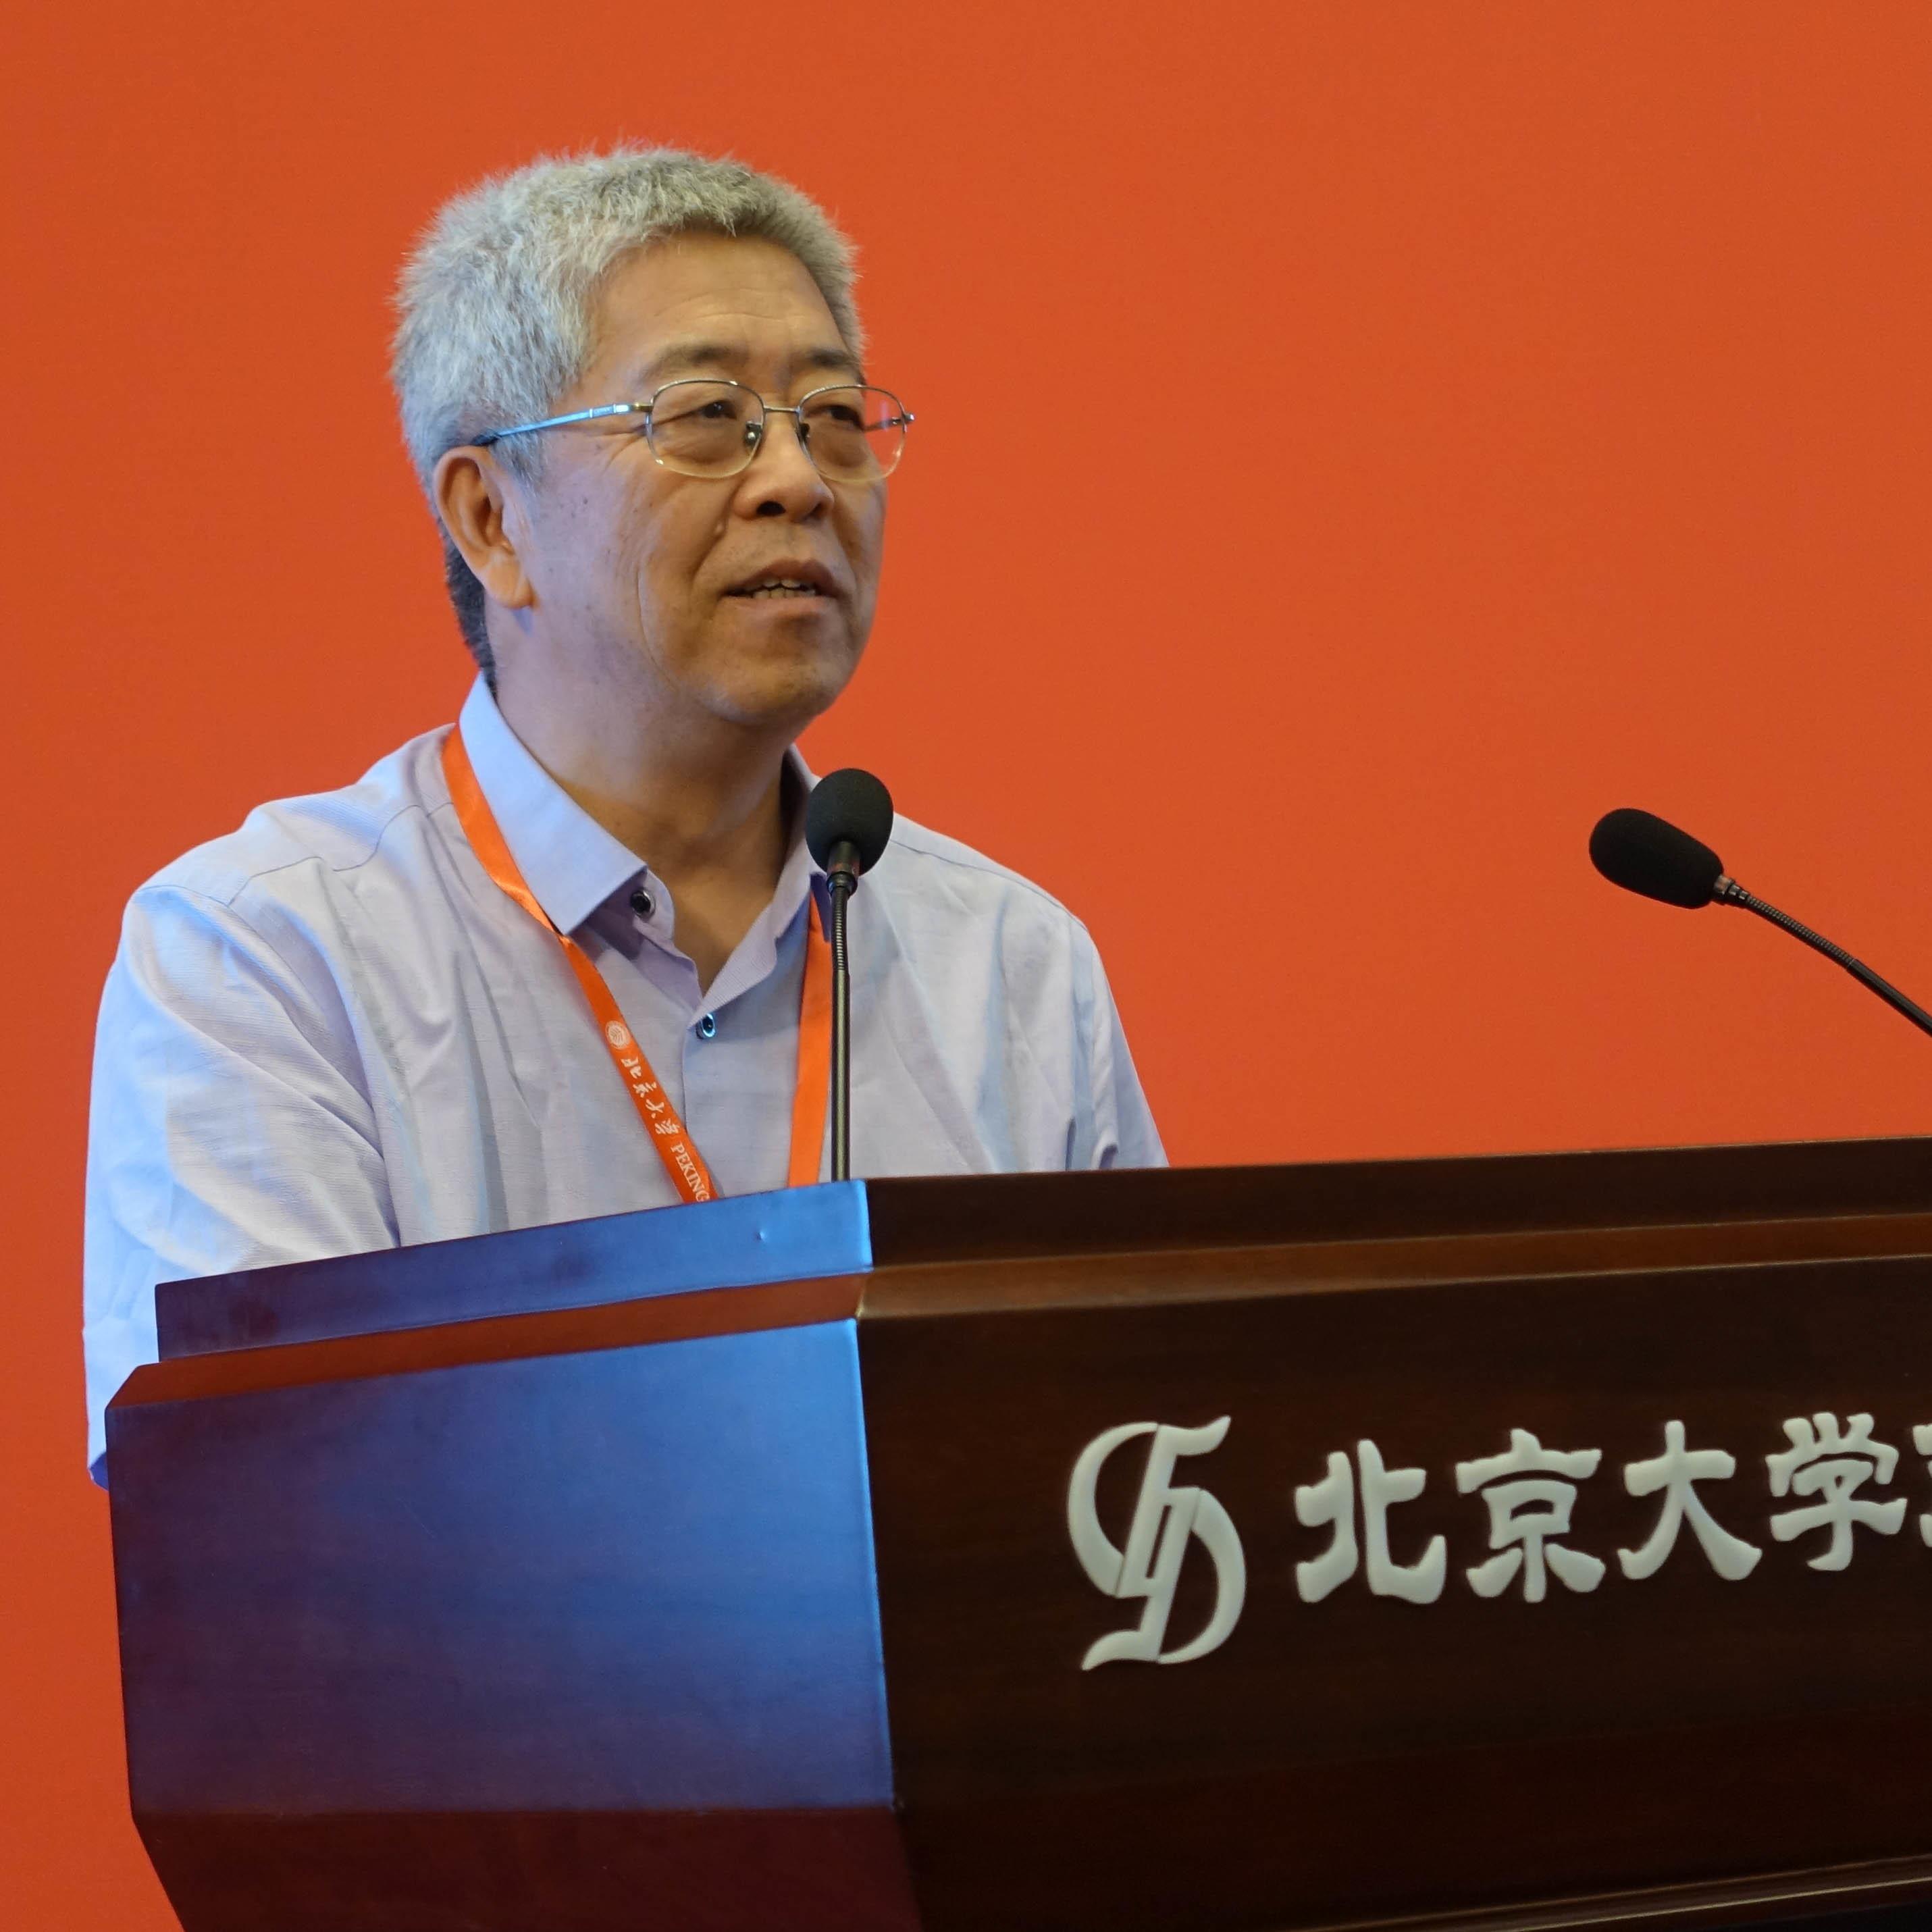 北京大学人口所教授乔晓春。受访者供图